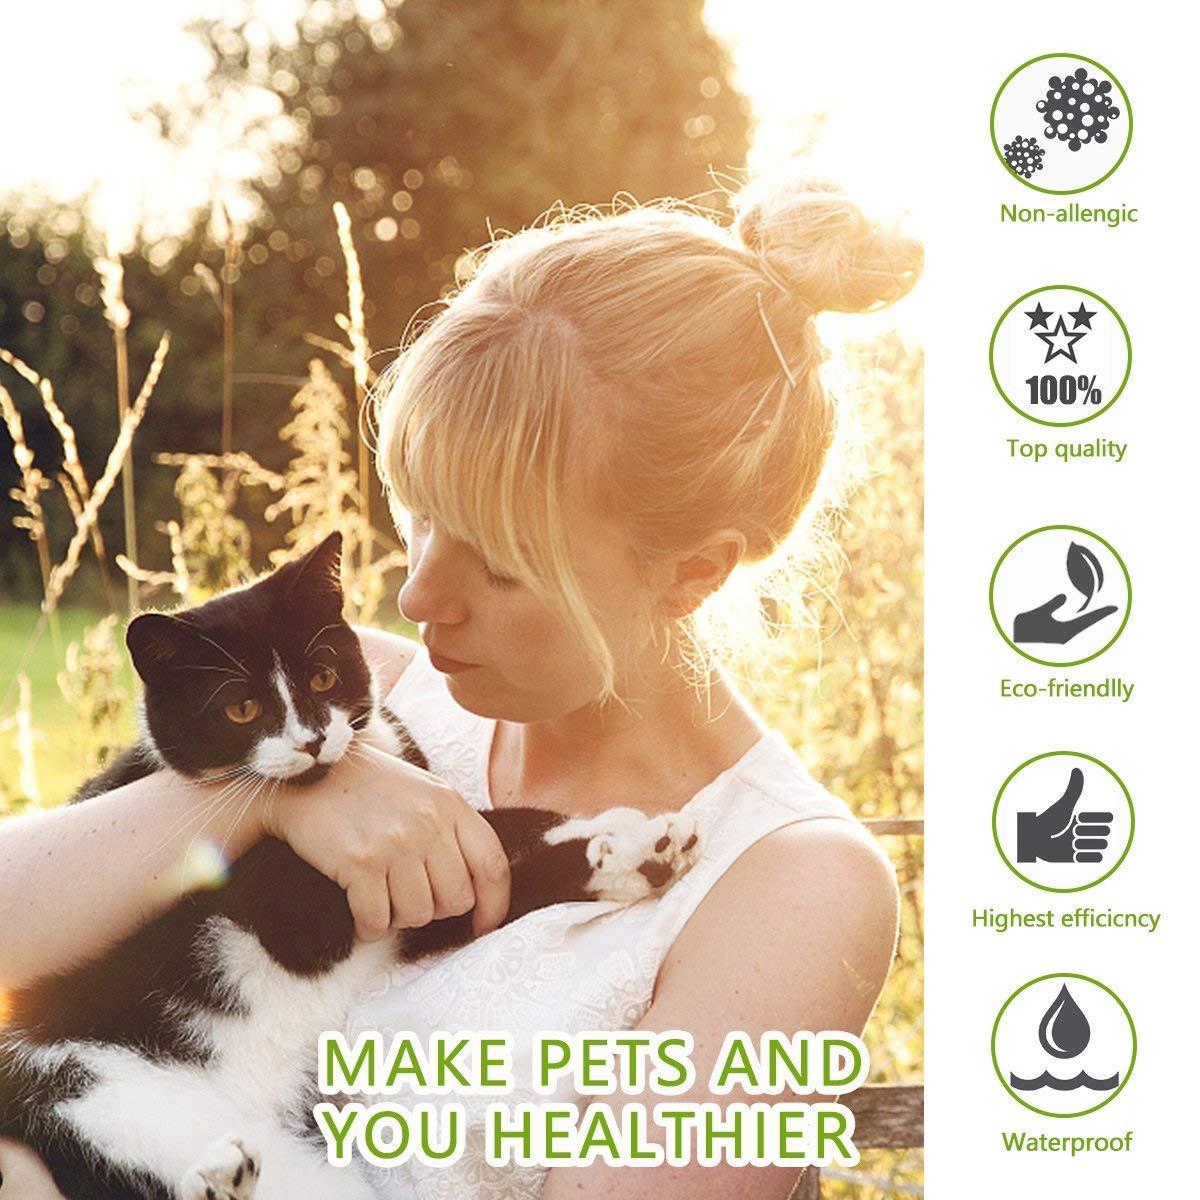 ProHomer Collar Antiparasitario para Mascotas Gatos - Plagas Repelentes para Mascotas - Agregado con Aceites Naturales, Tamaño Ajustable e Impermeable, ...